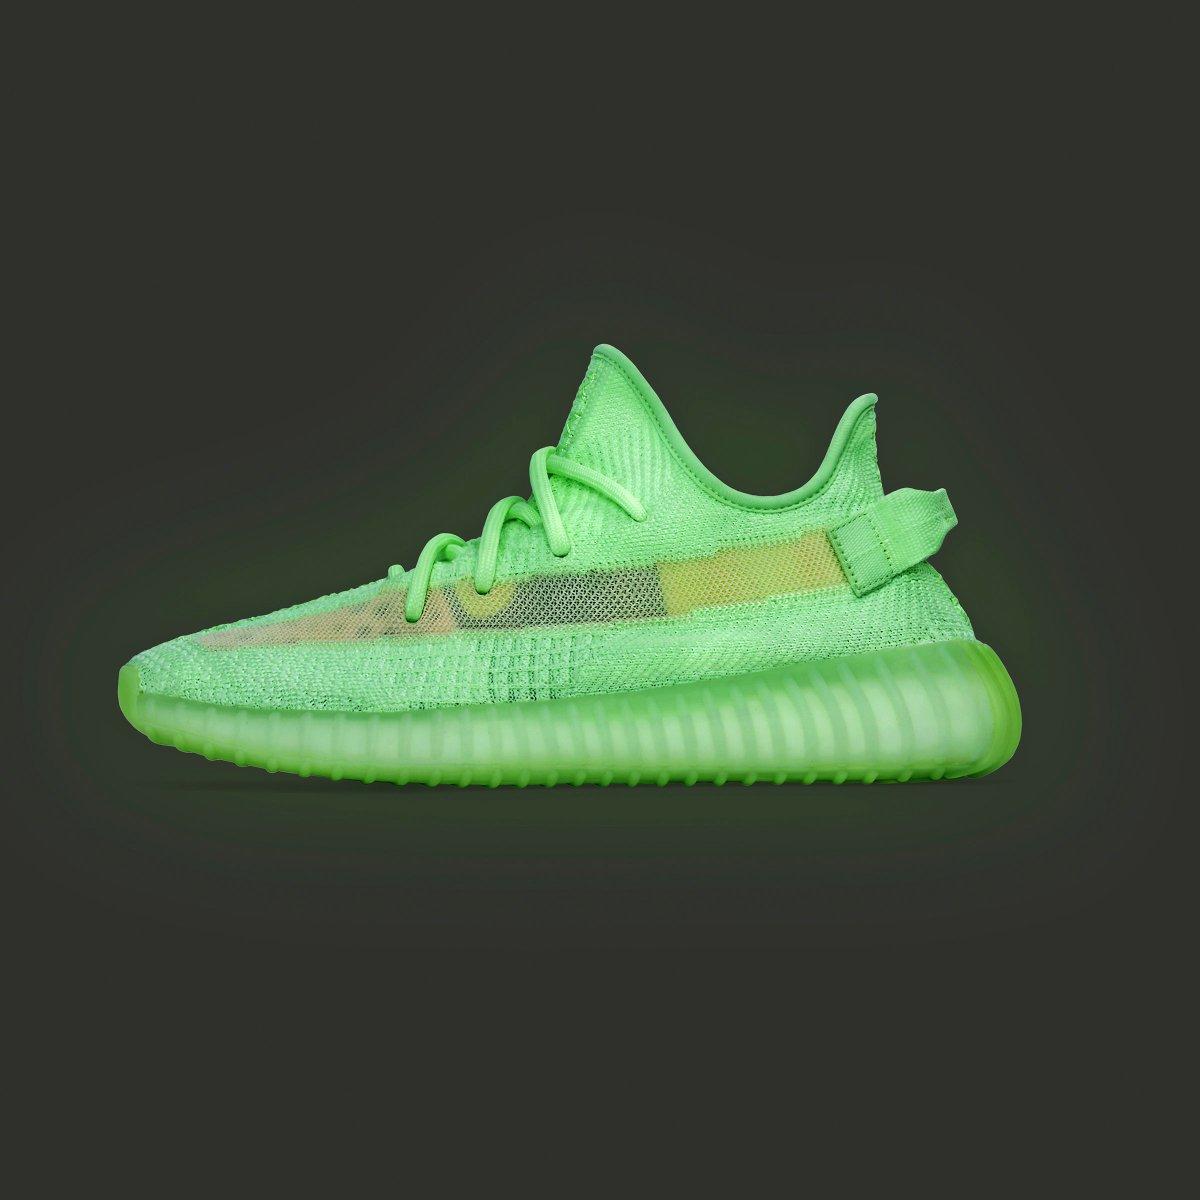 adidas yeezy p